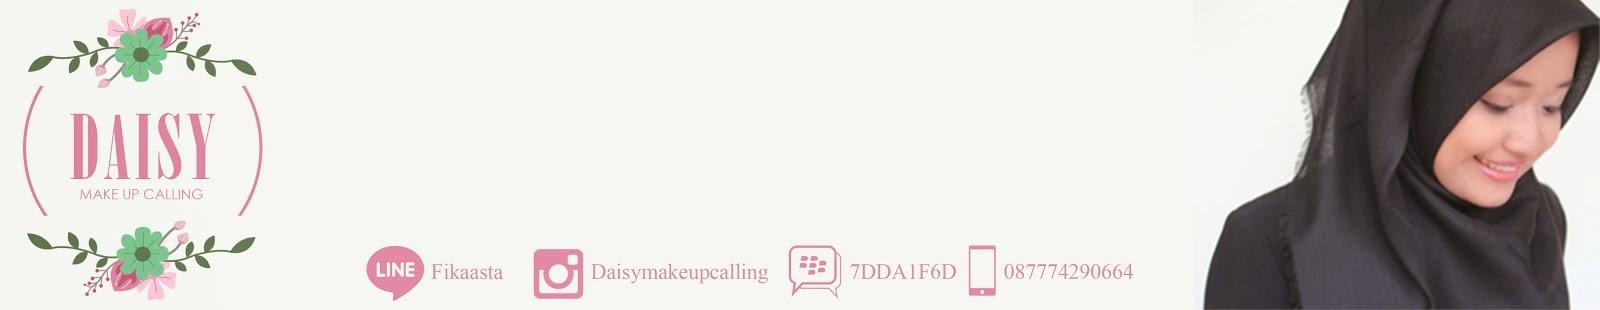 DAISY Makeupcalling